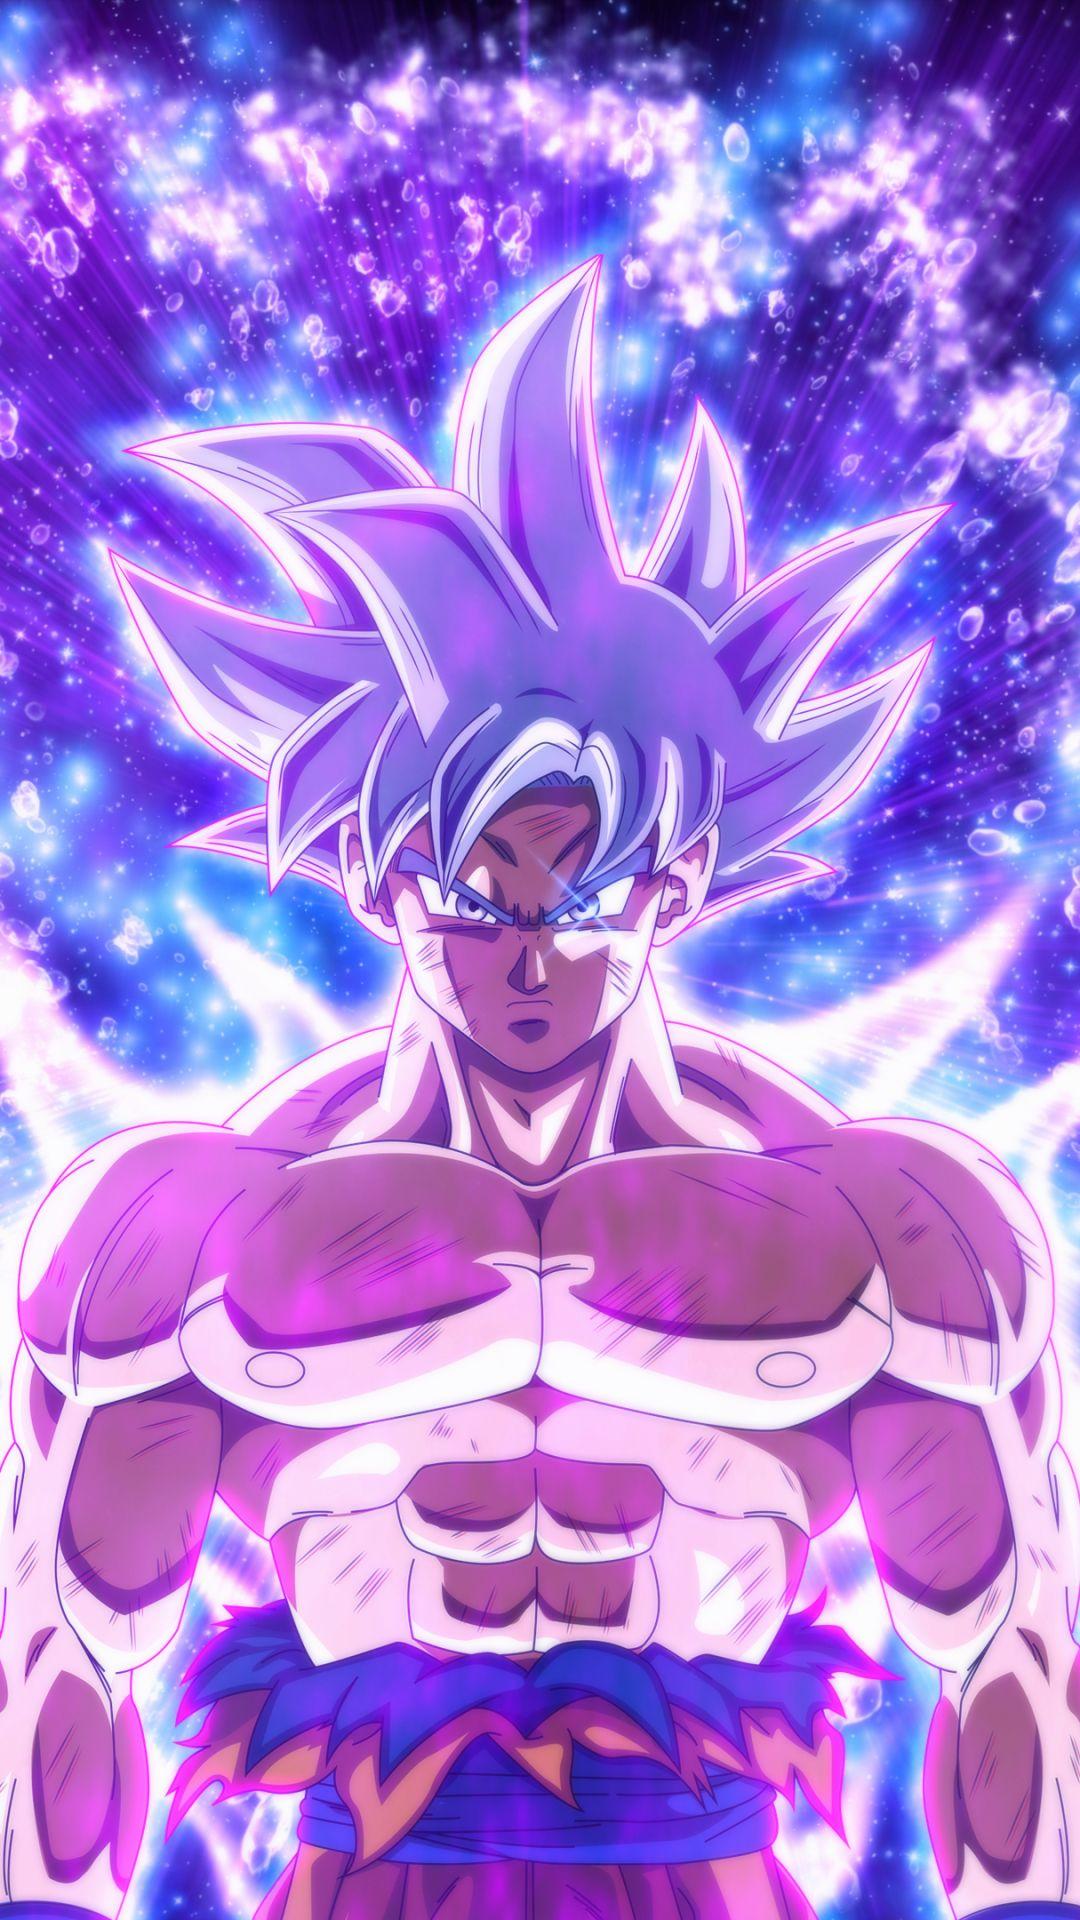 Pin By Tim Eager On Bienvenu Dans L Univers De La Saga Dragon Ball Anime Dragon Ball Super Dragon Ball Super Artwork Anime